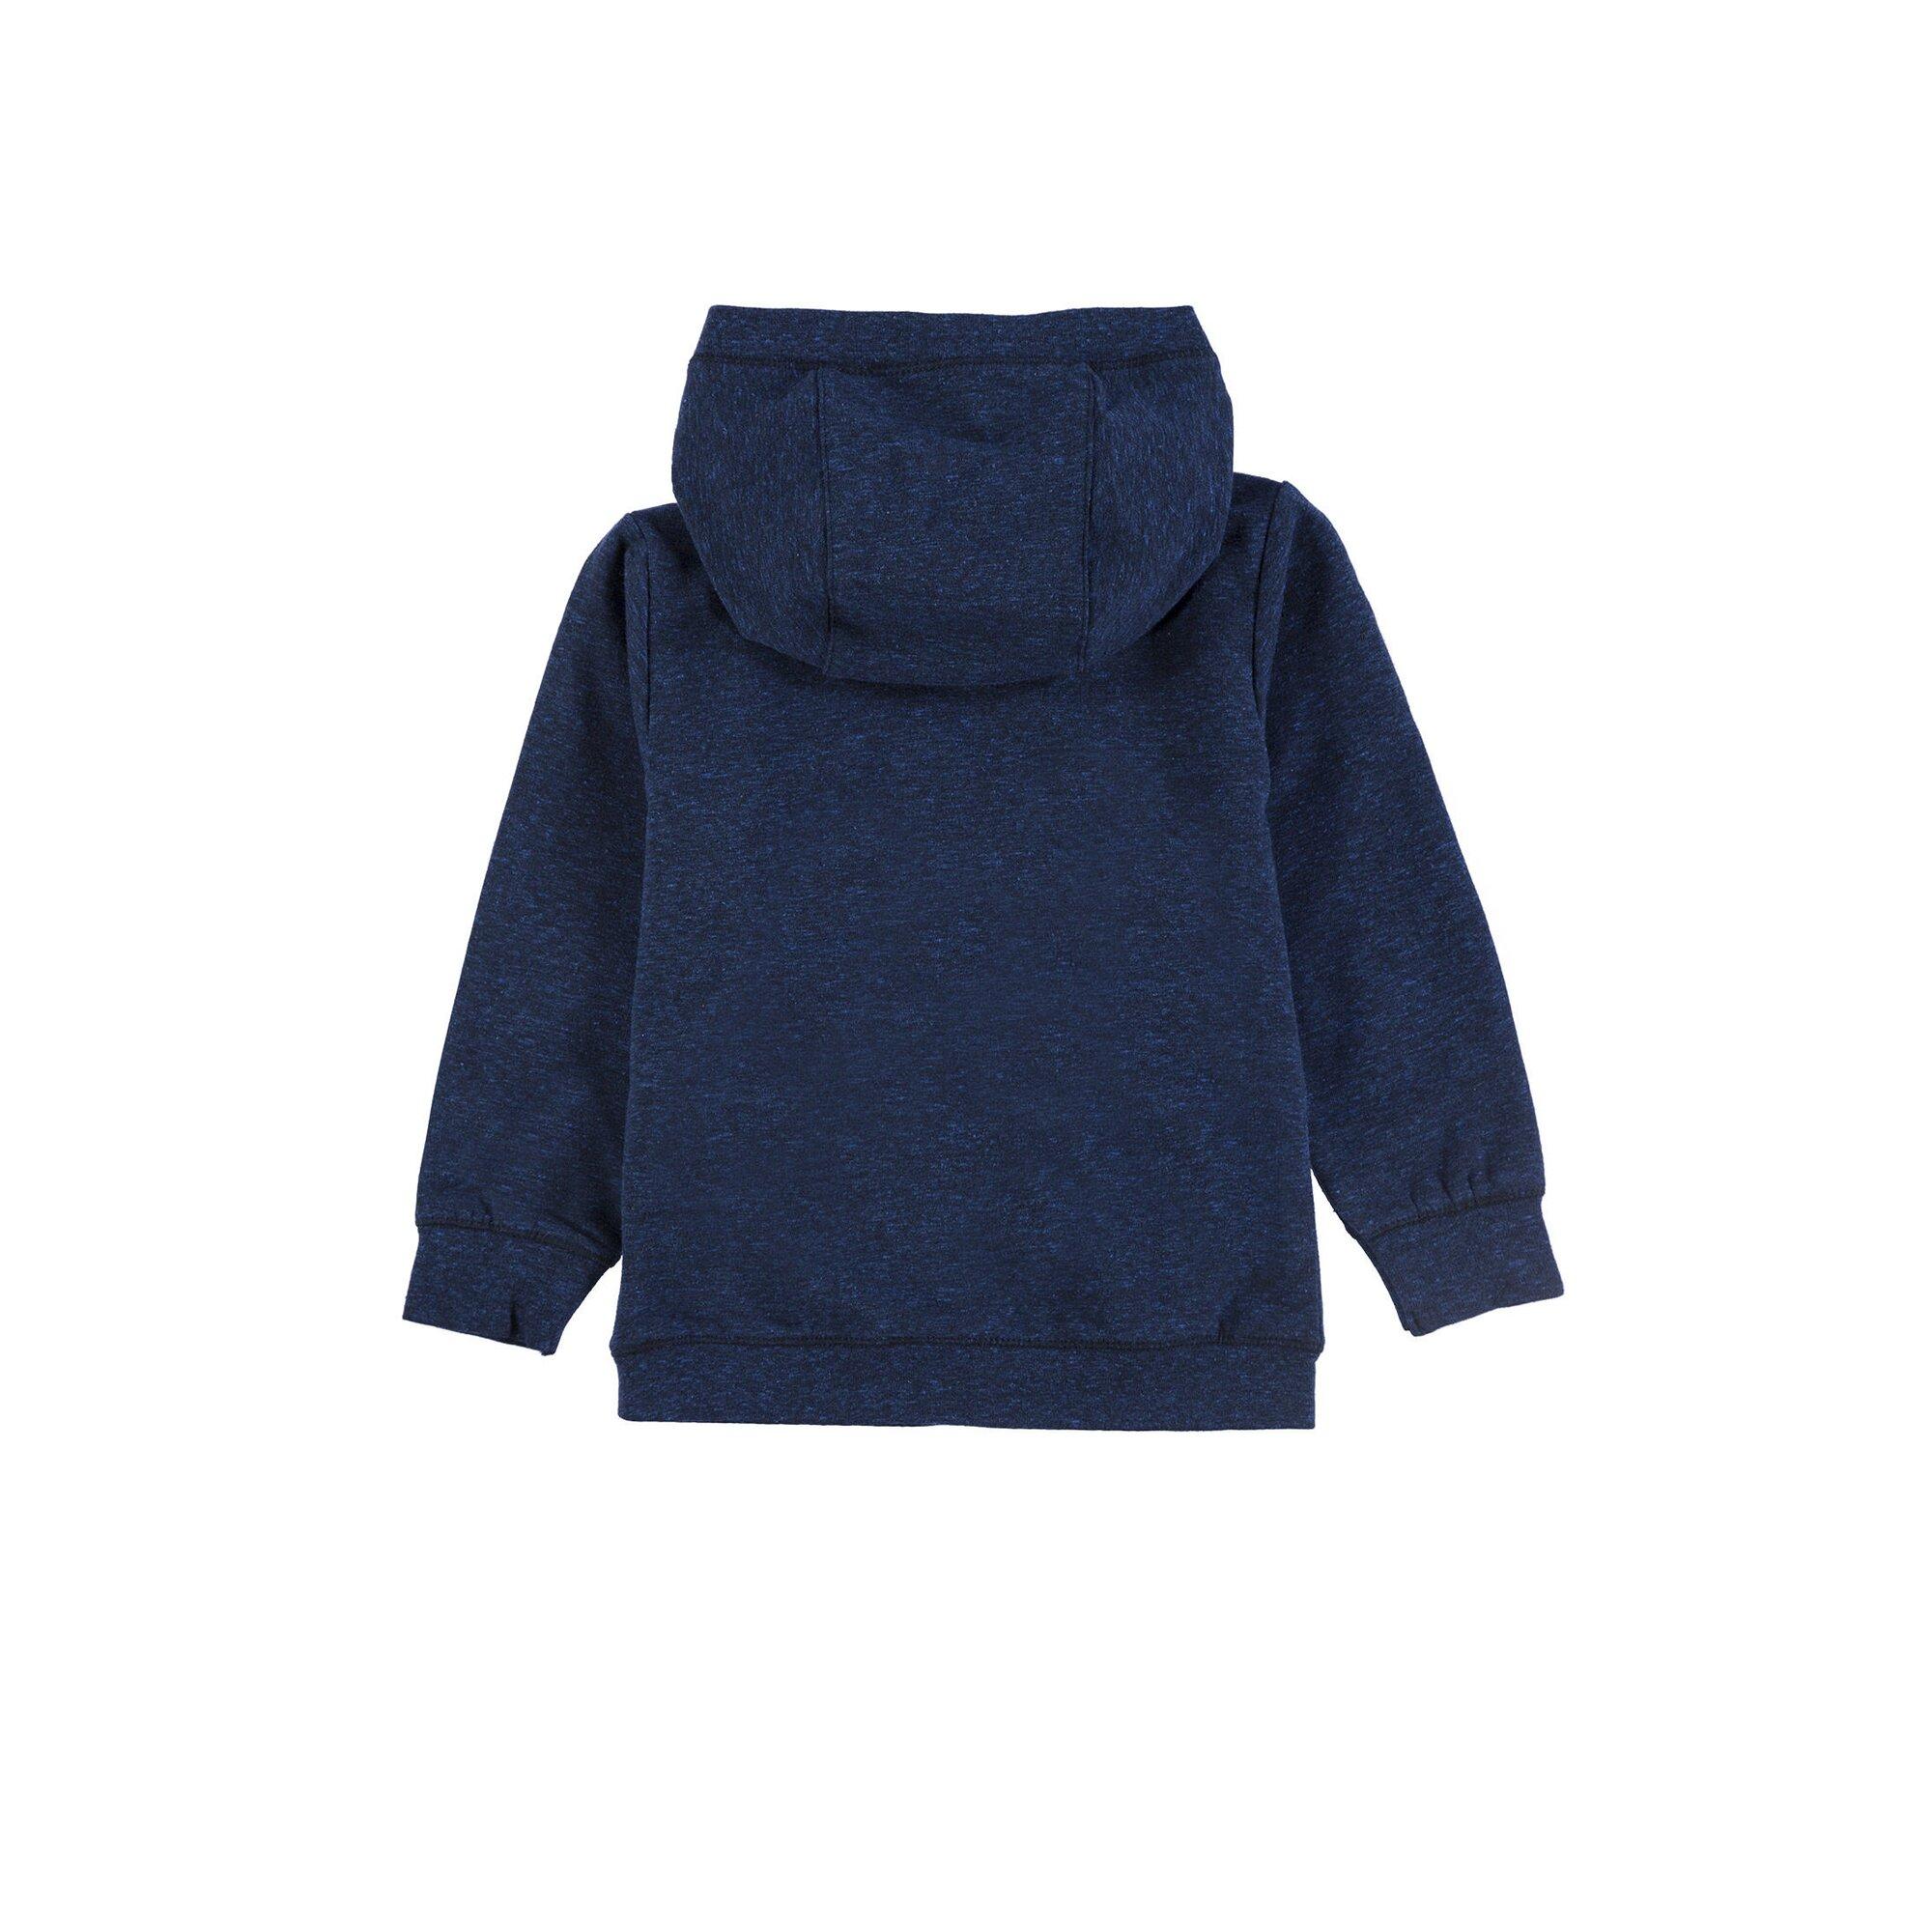 bellybutton-sweatshirt-mit-kapuze-jungen